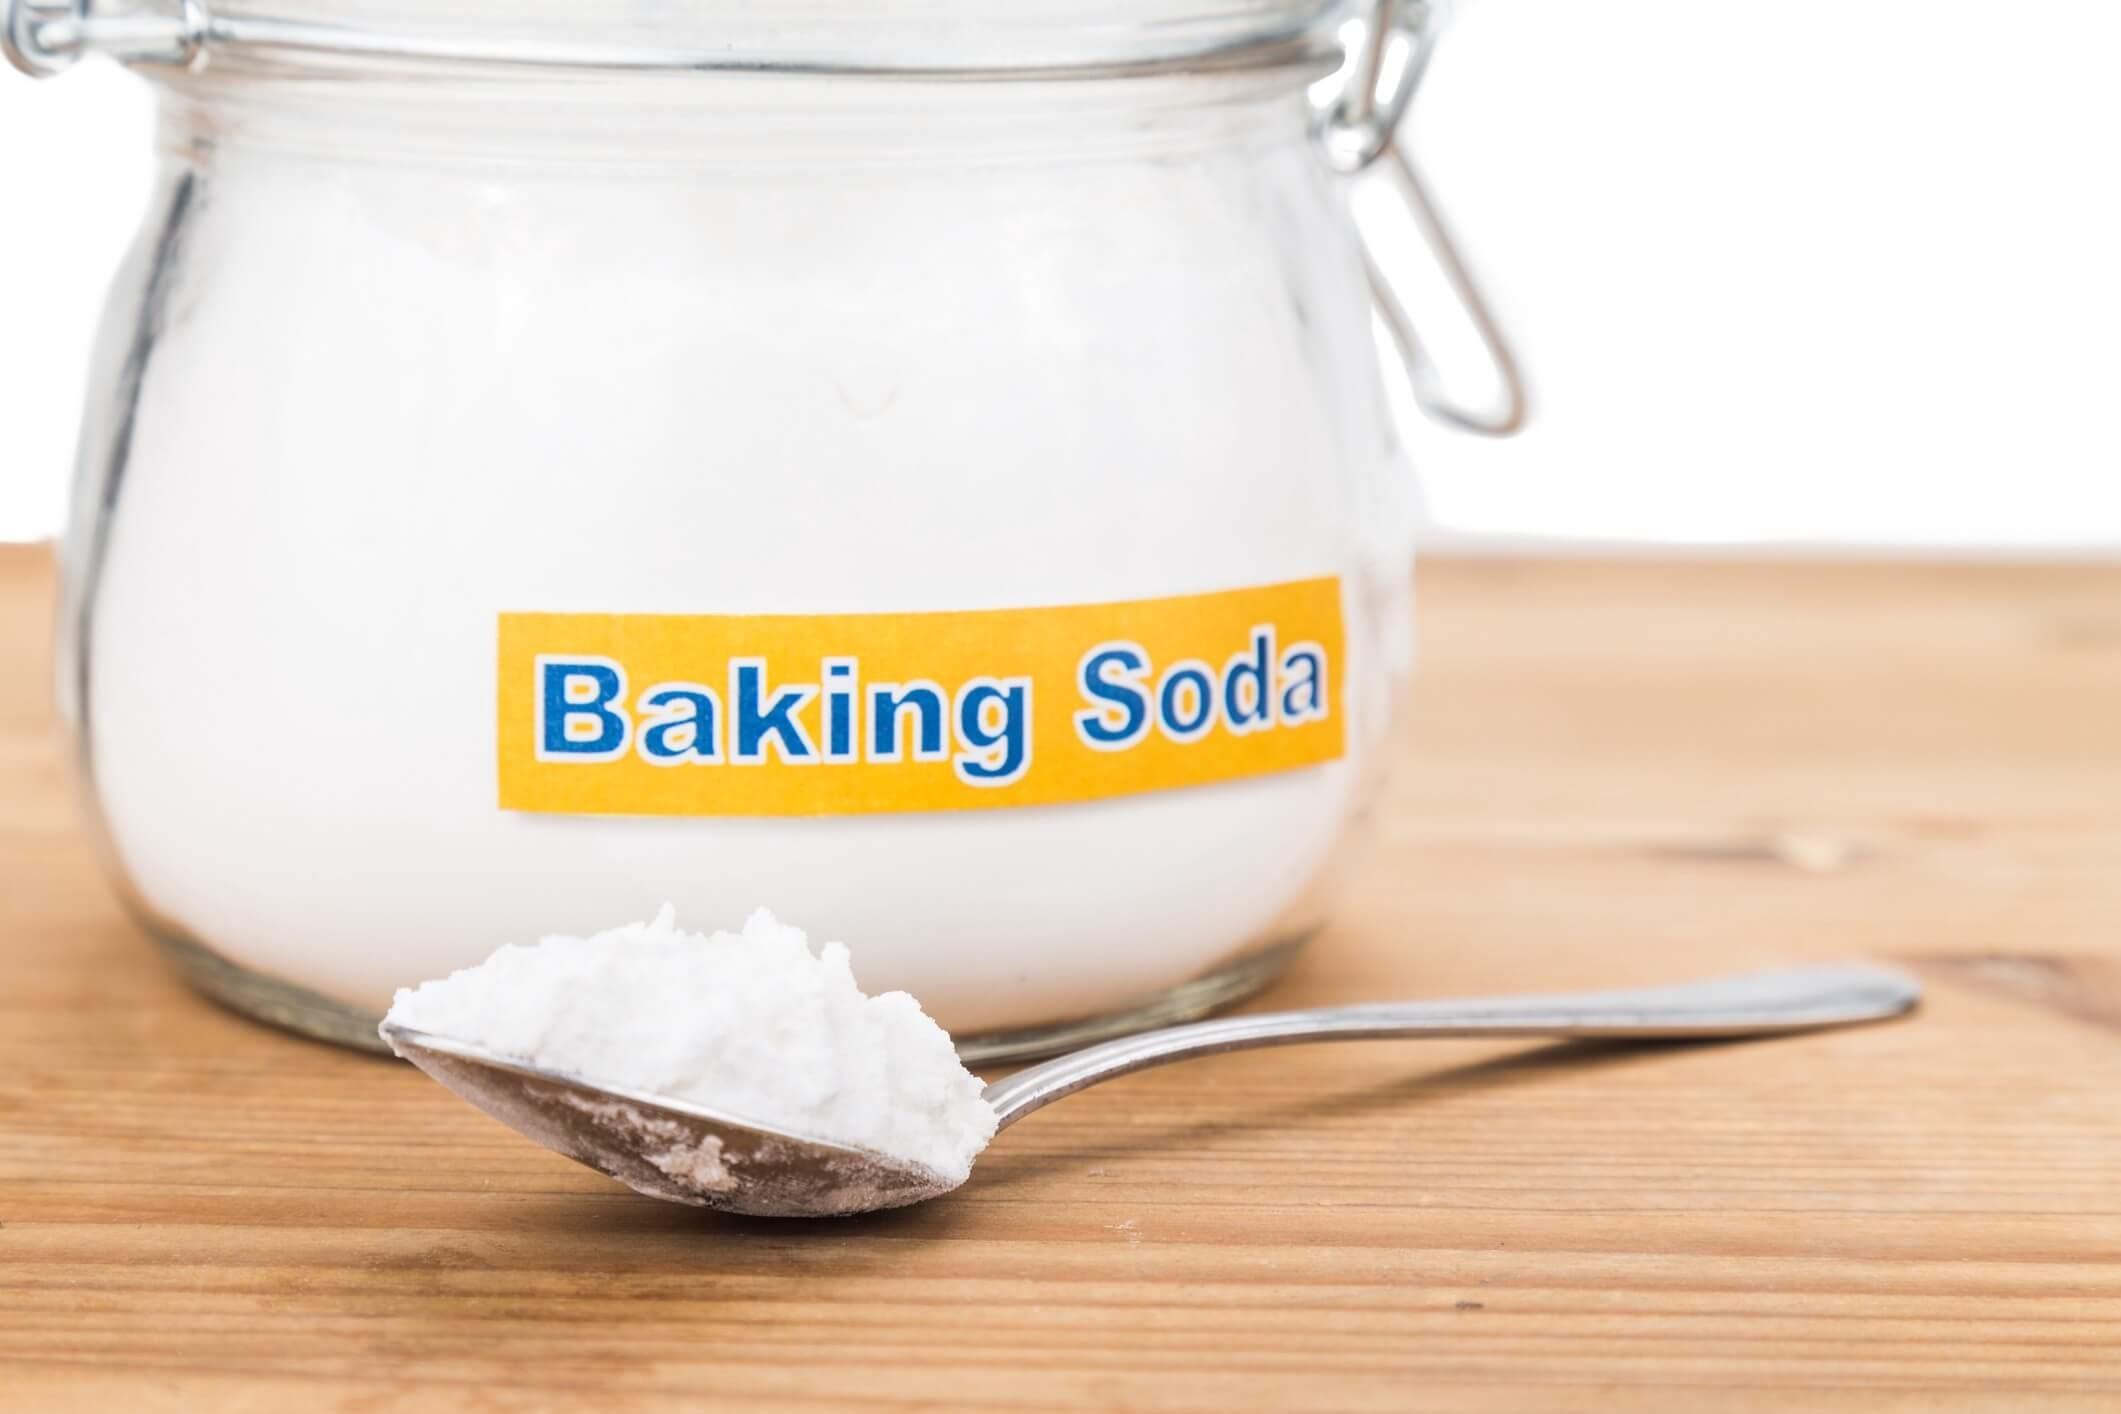 Baking soda là hóa chất tẩy rửa nhà bếp được dùng phổ biến